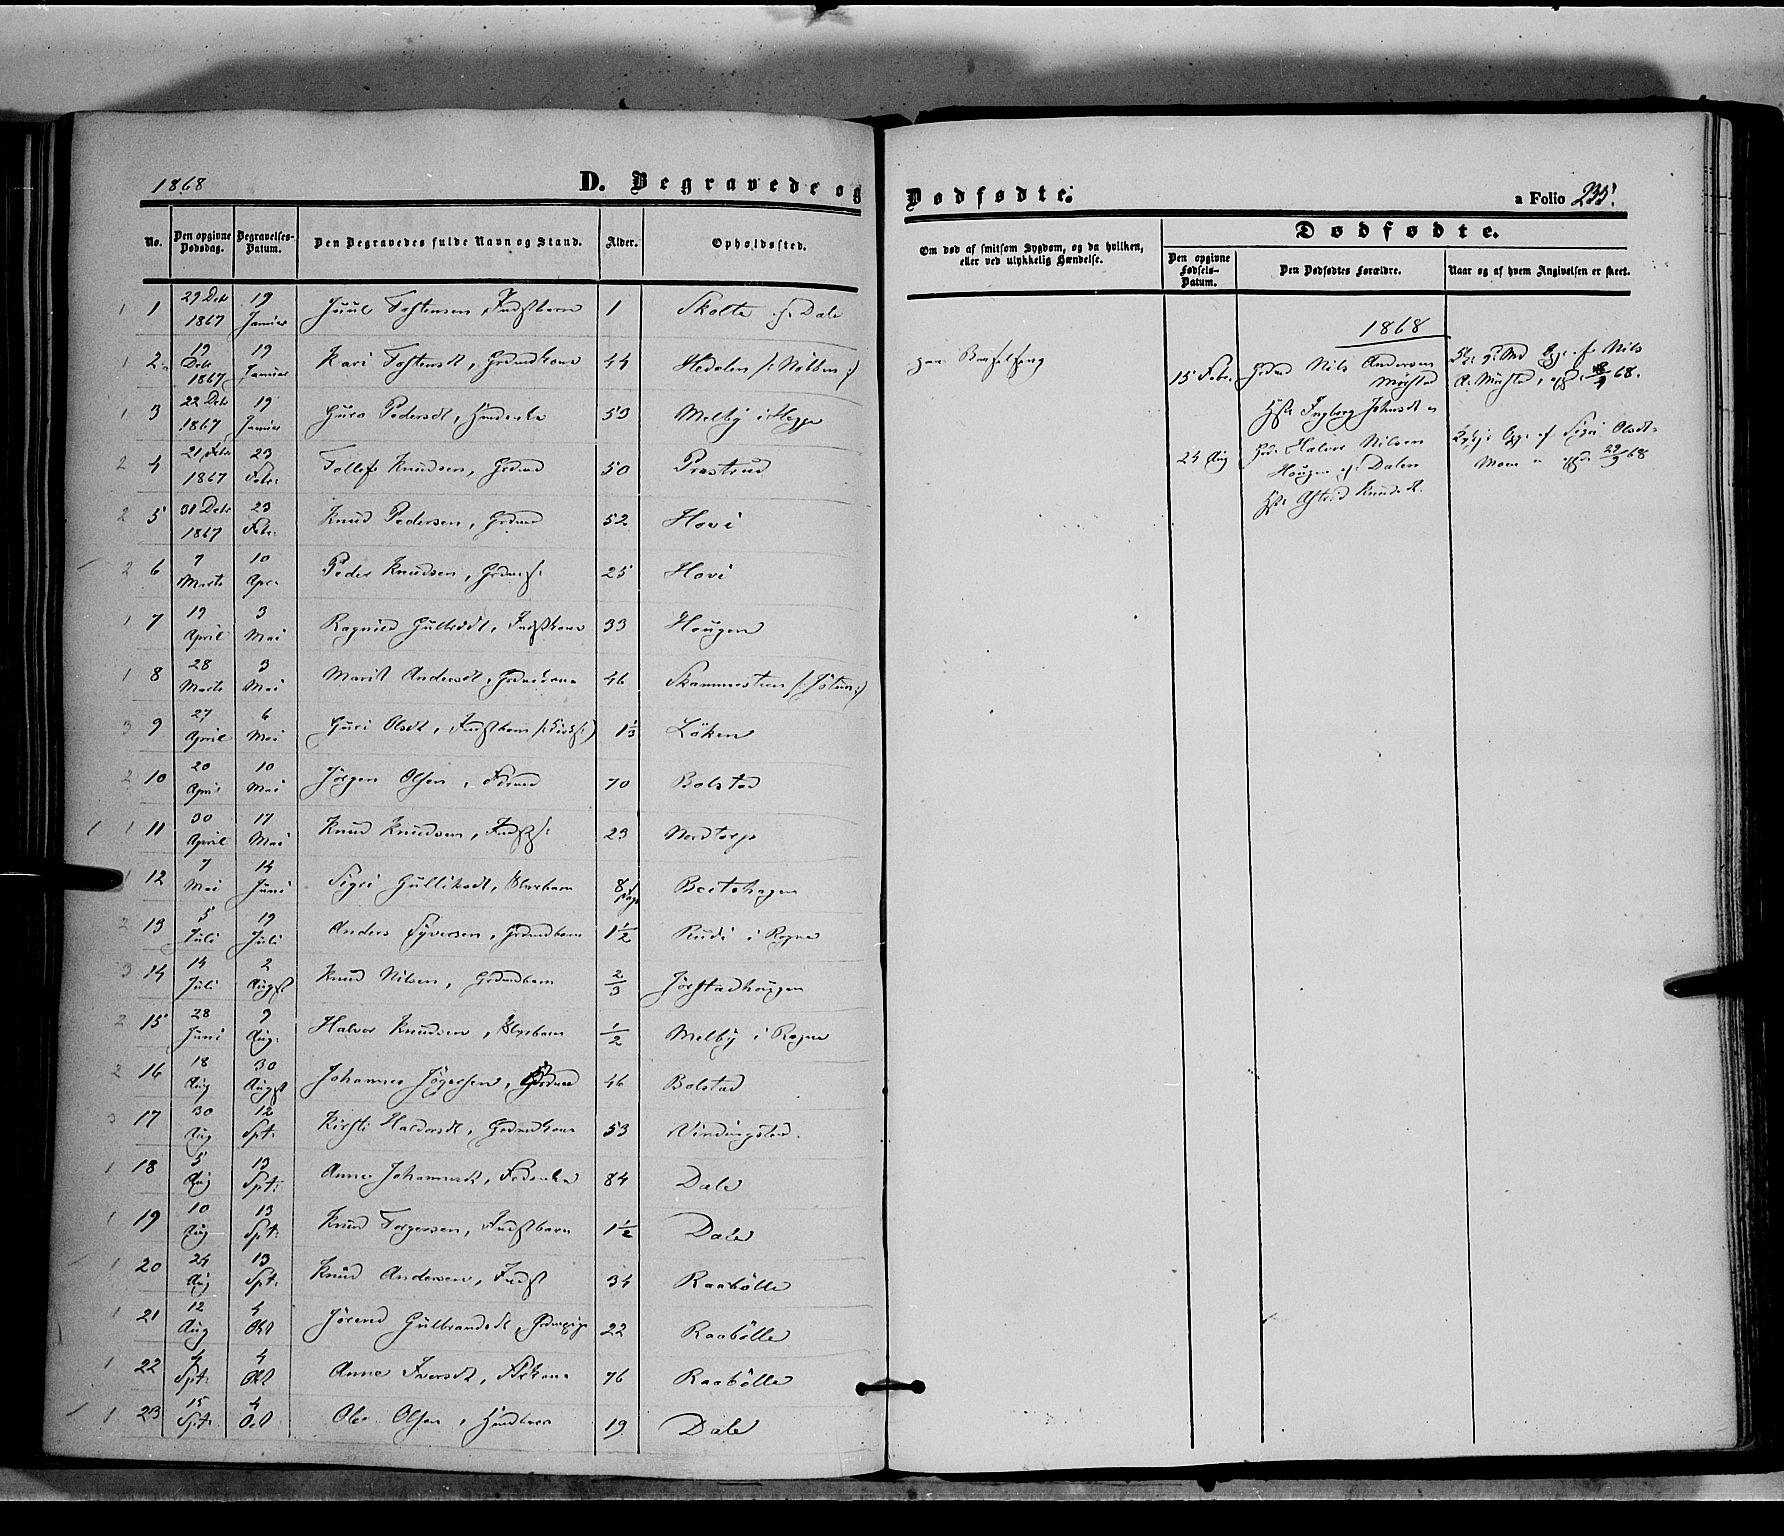 SAH, Øystre Slidre prestekontor, Ministerialbok nr. 1, 1849-1874, s. 235